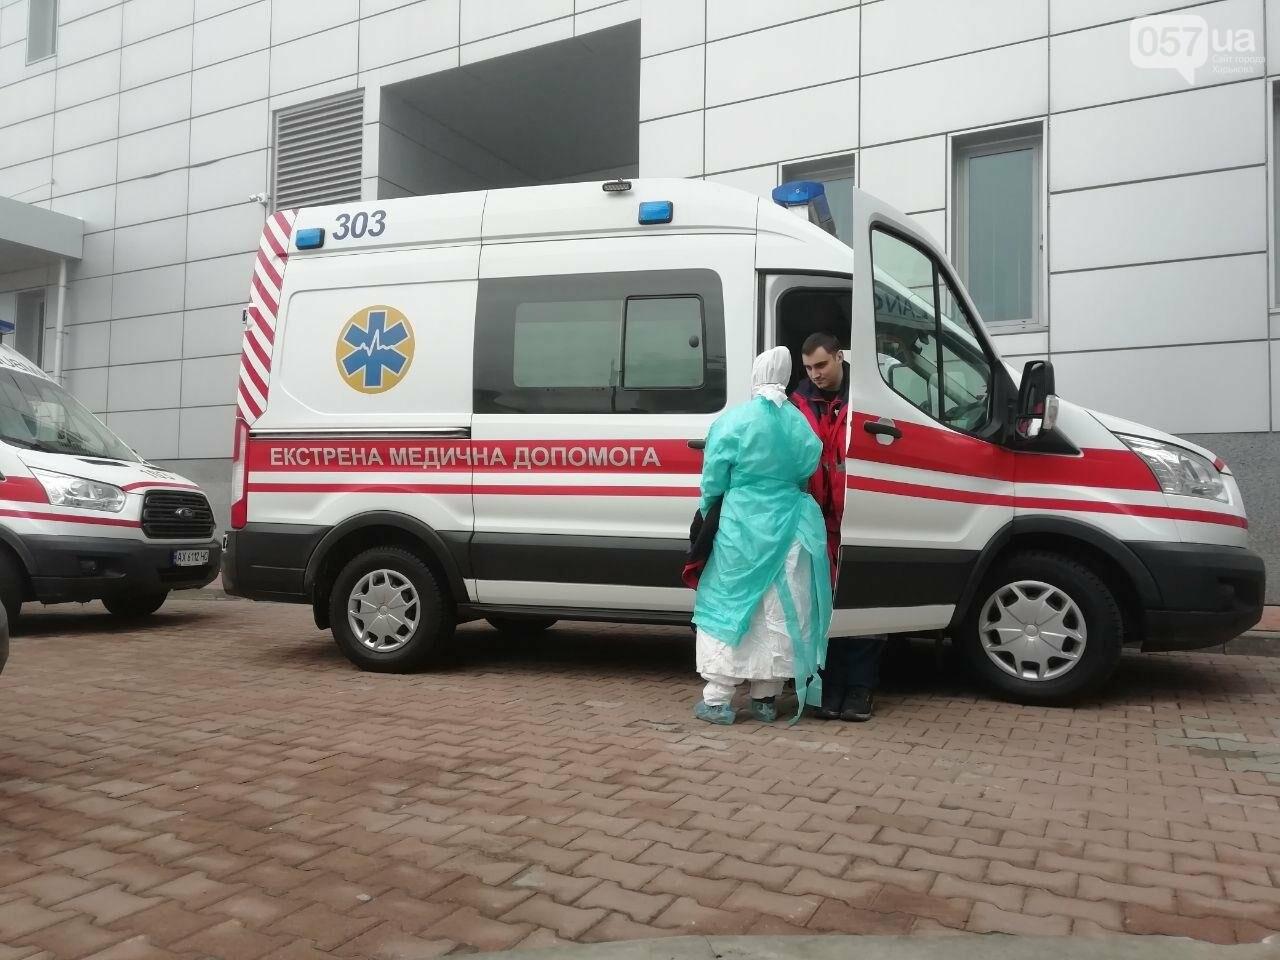 В харьковском аэропорту приземлился самолет с эвакуированными пассажирами из Китая, - ОНЛАЙН-ТРАНСЛЯЦИЯ, фото-35